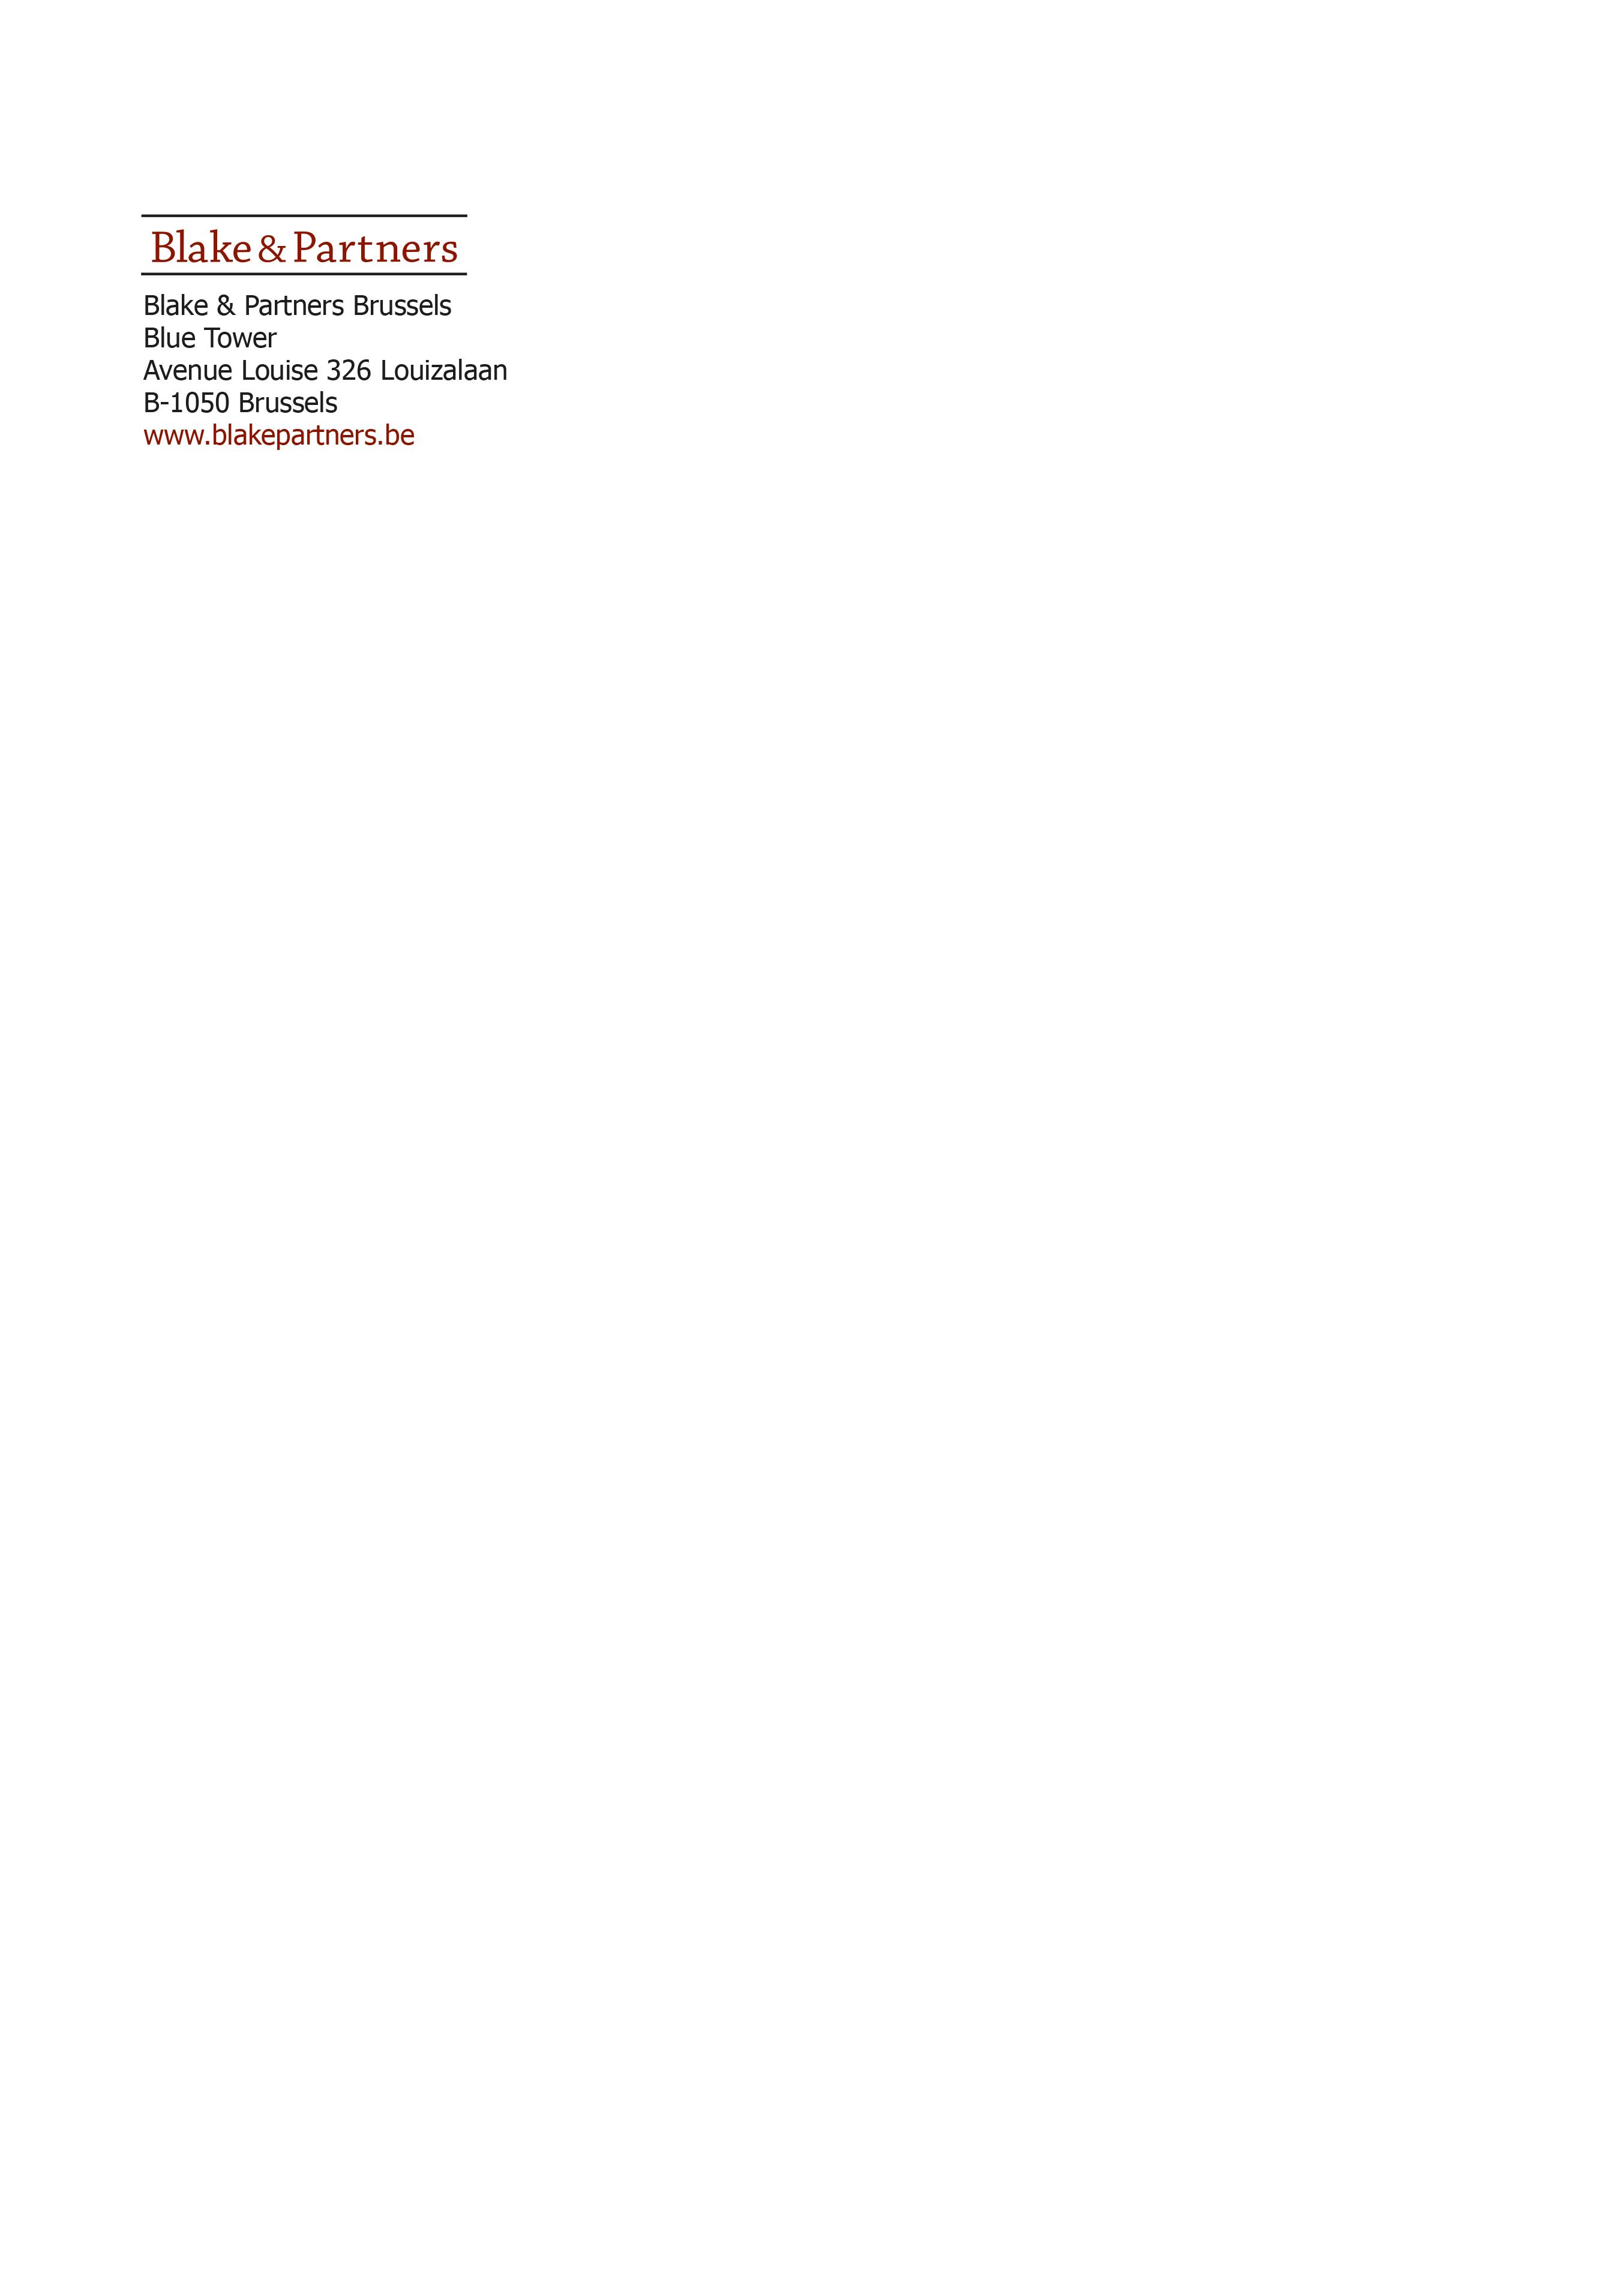 Envelop C4 22,9 x 32,4 cm BXL